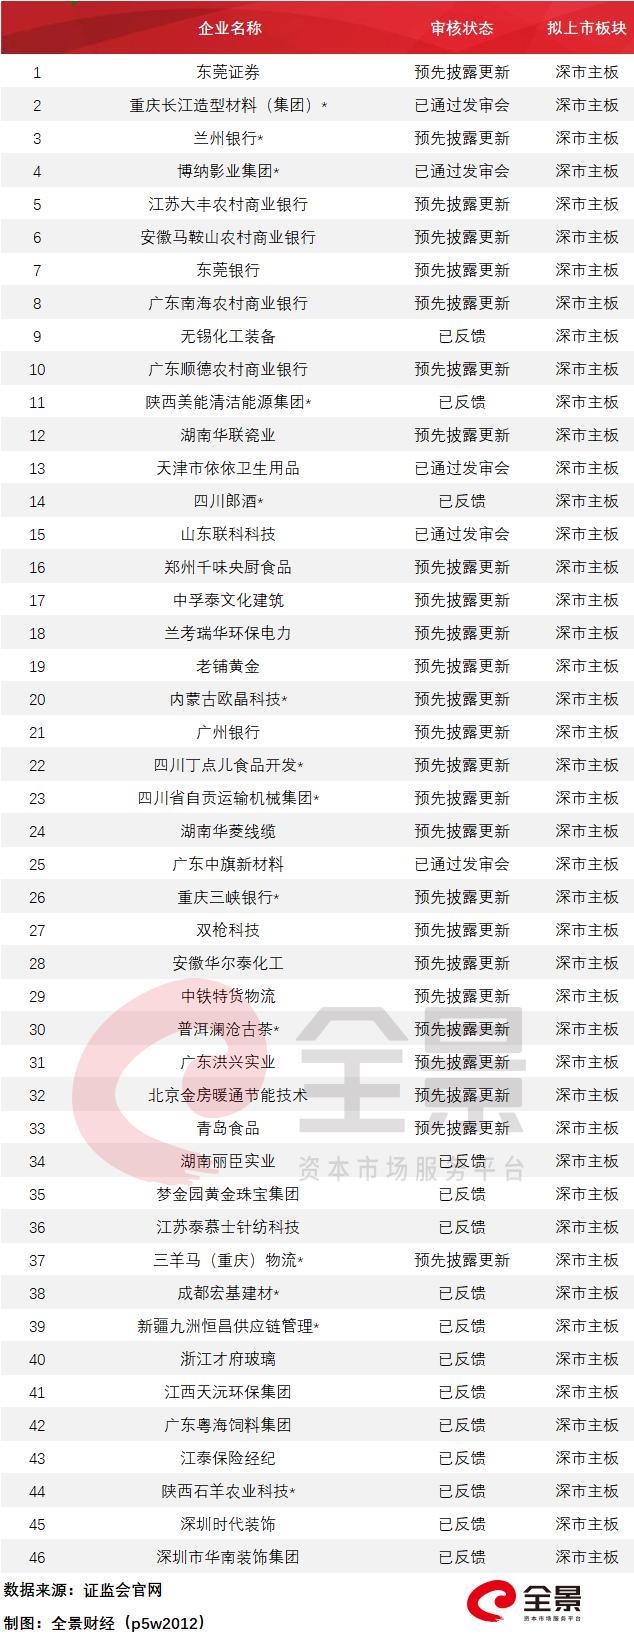 """usdt手续费怎么收(www.payusdt.vip):972家排队A股IPO!八马茶业加入争取""""茶叶第一股""""(附最新IPO排队名单) 第9张"""